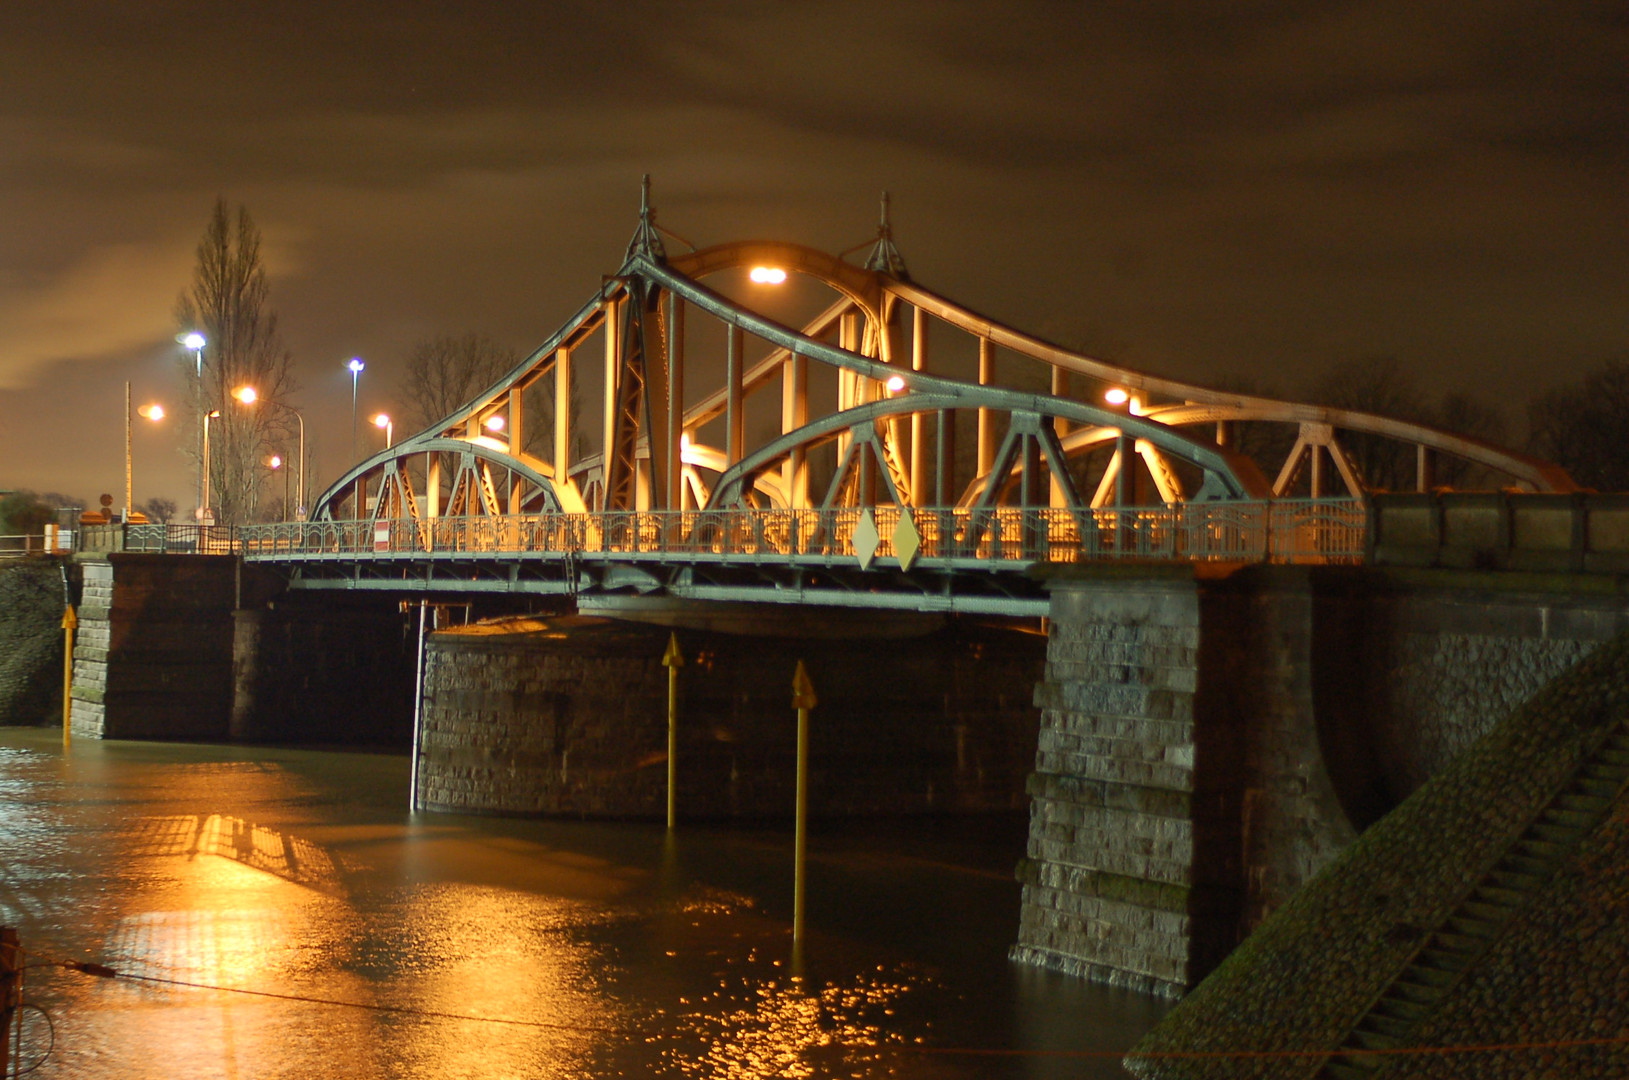 Rheinhafen Alte Drehbrücke